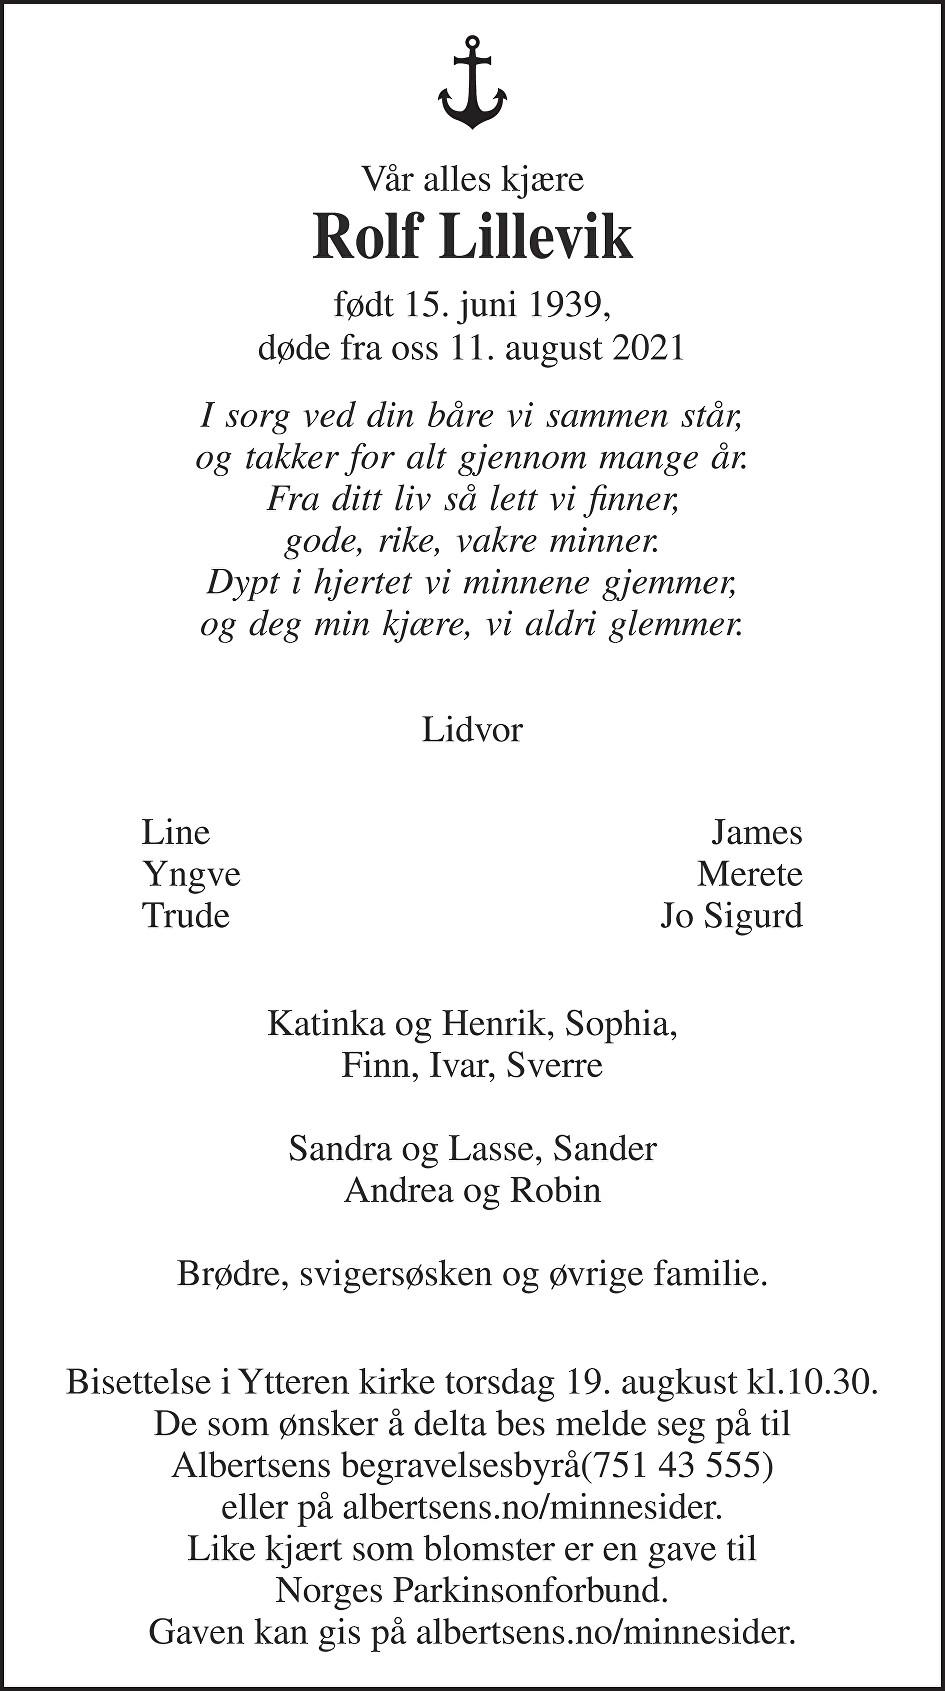 Rolf Lillevik Dødsannonse